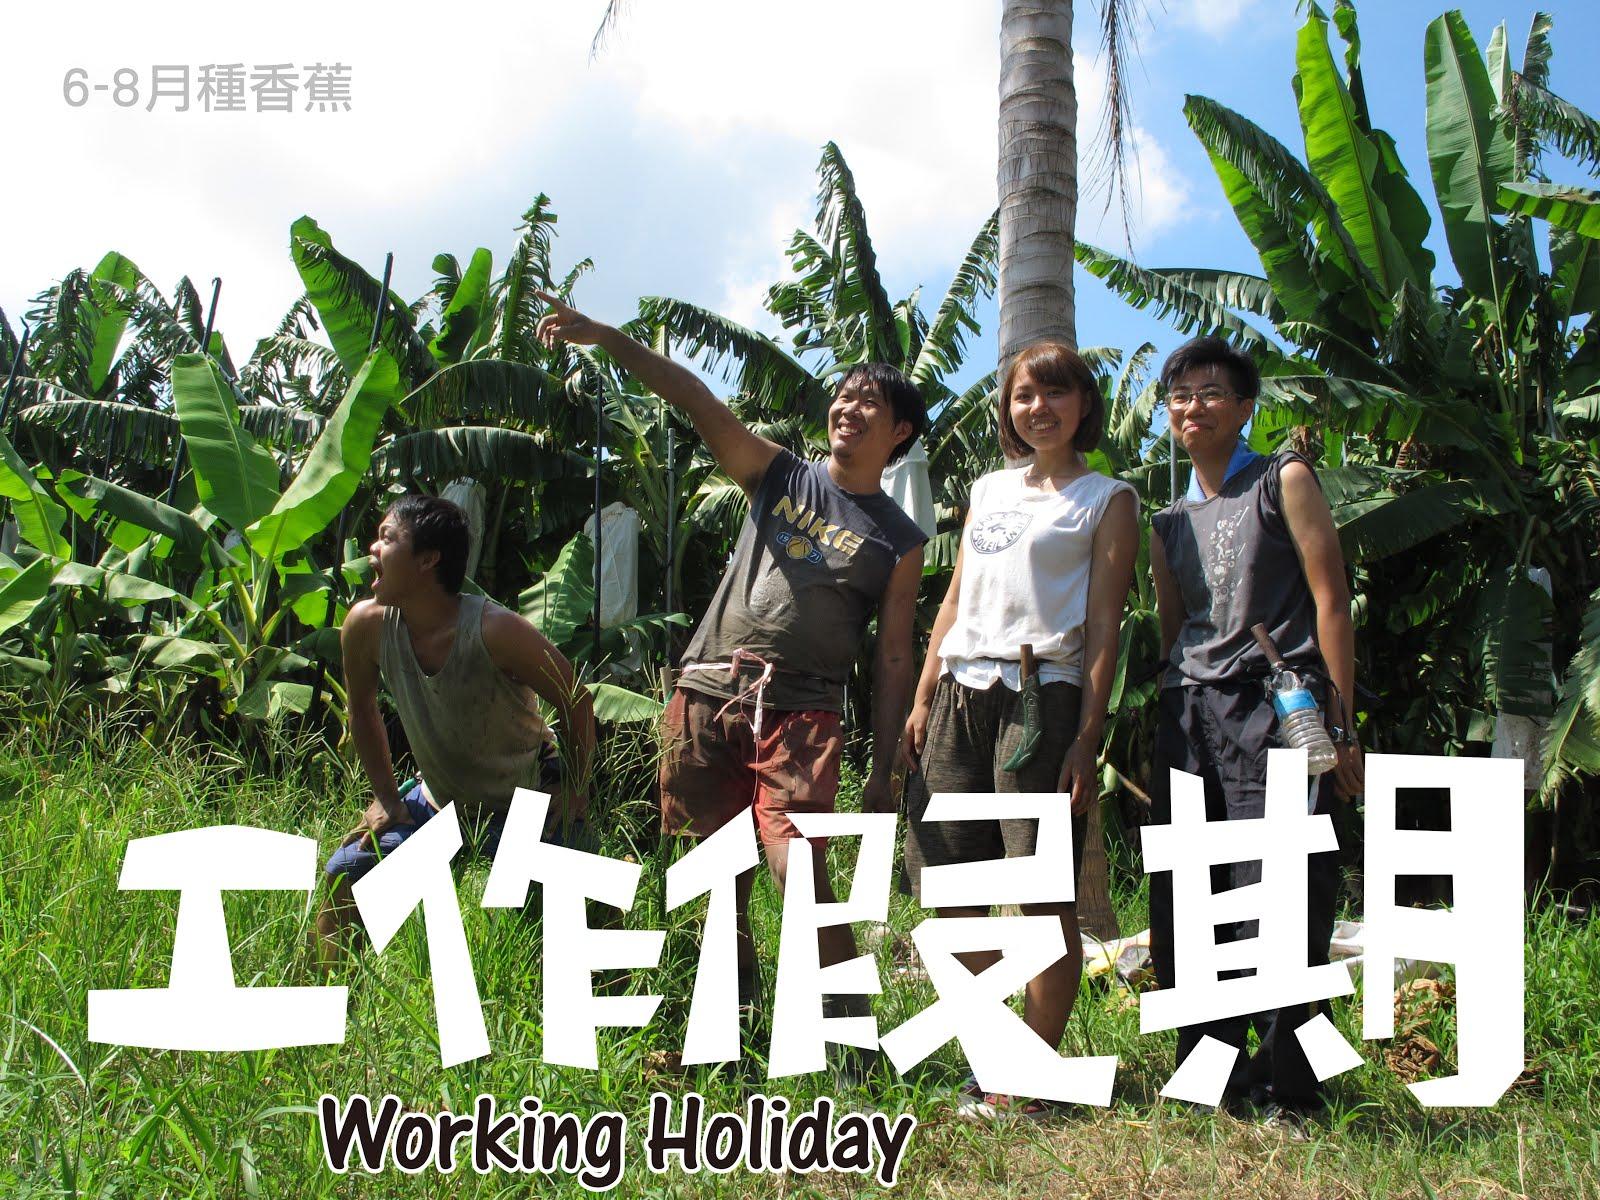 蕉農體驗工作假期